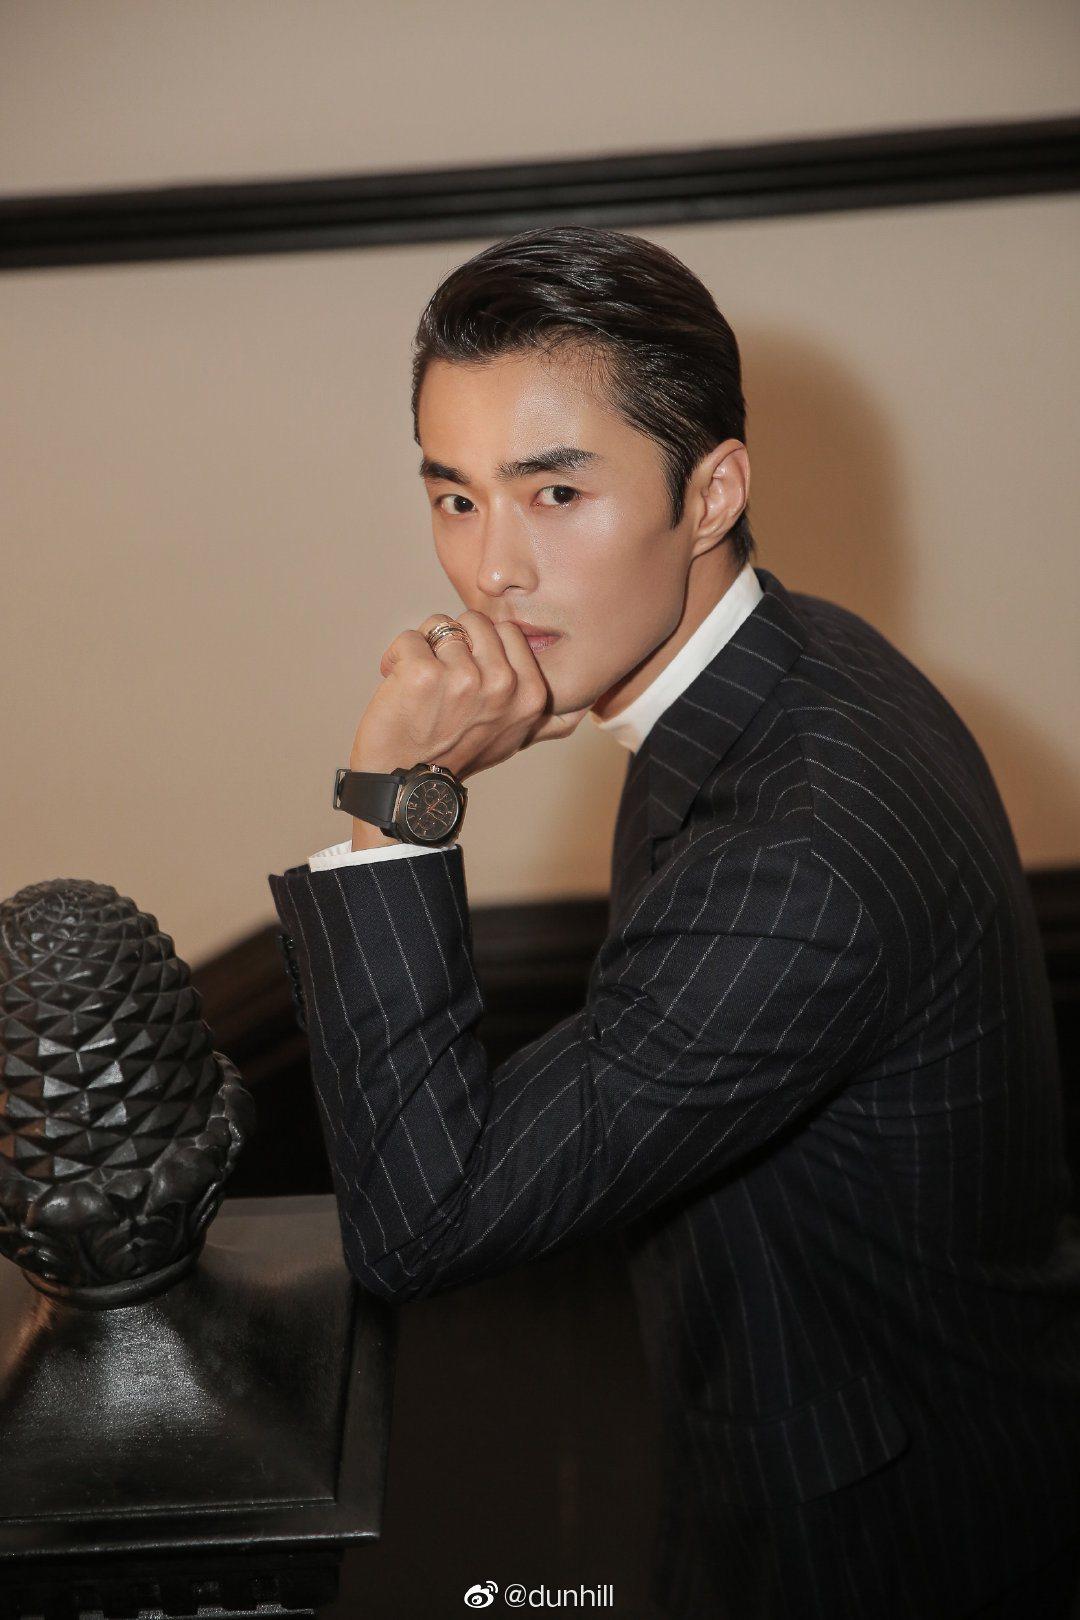 中國超模趙磊身穿dunhill秋冬系列條紋雙排扣西裝出席時尚活動。圖/摘自微博